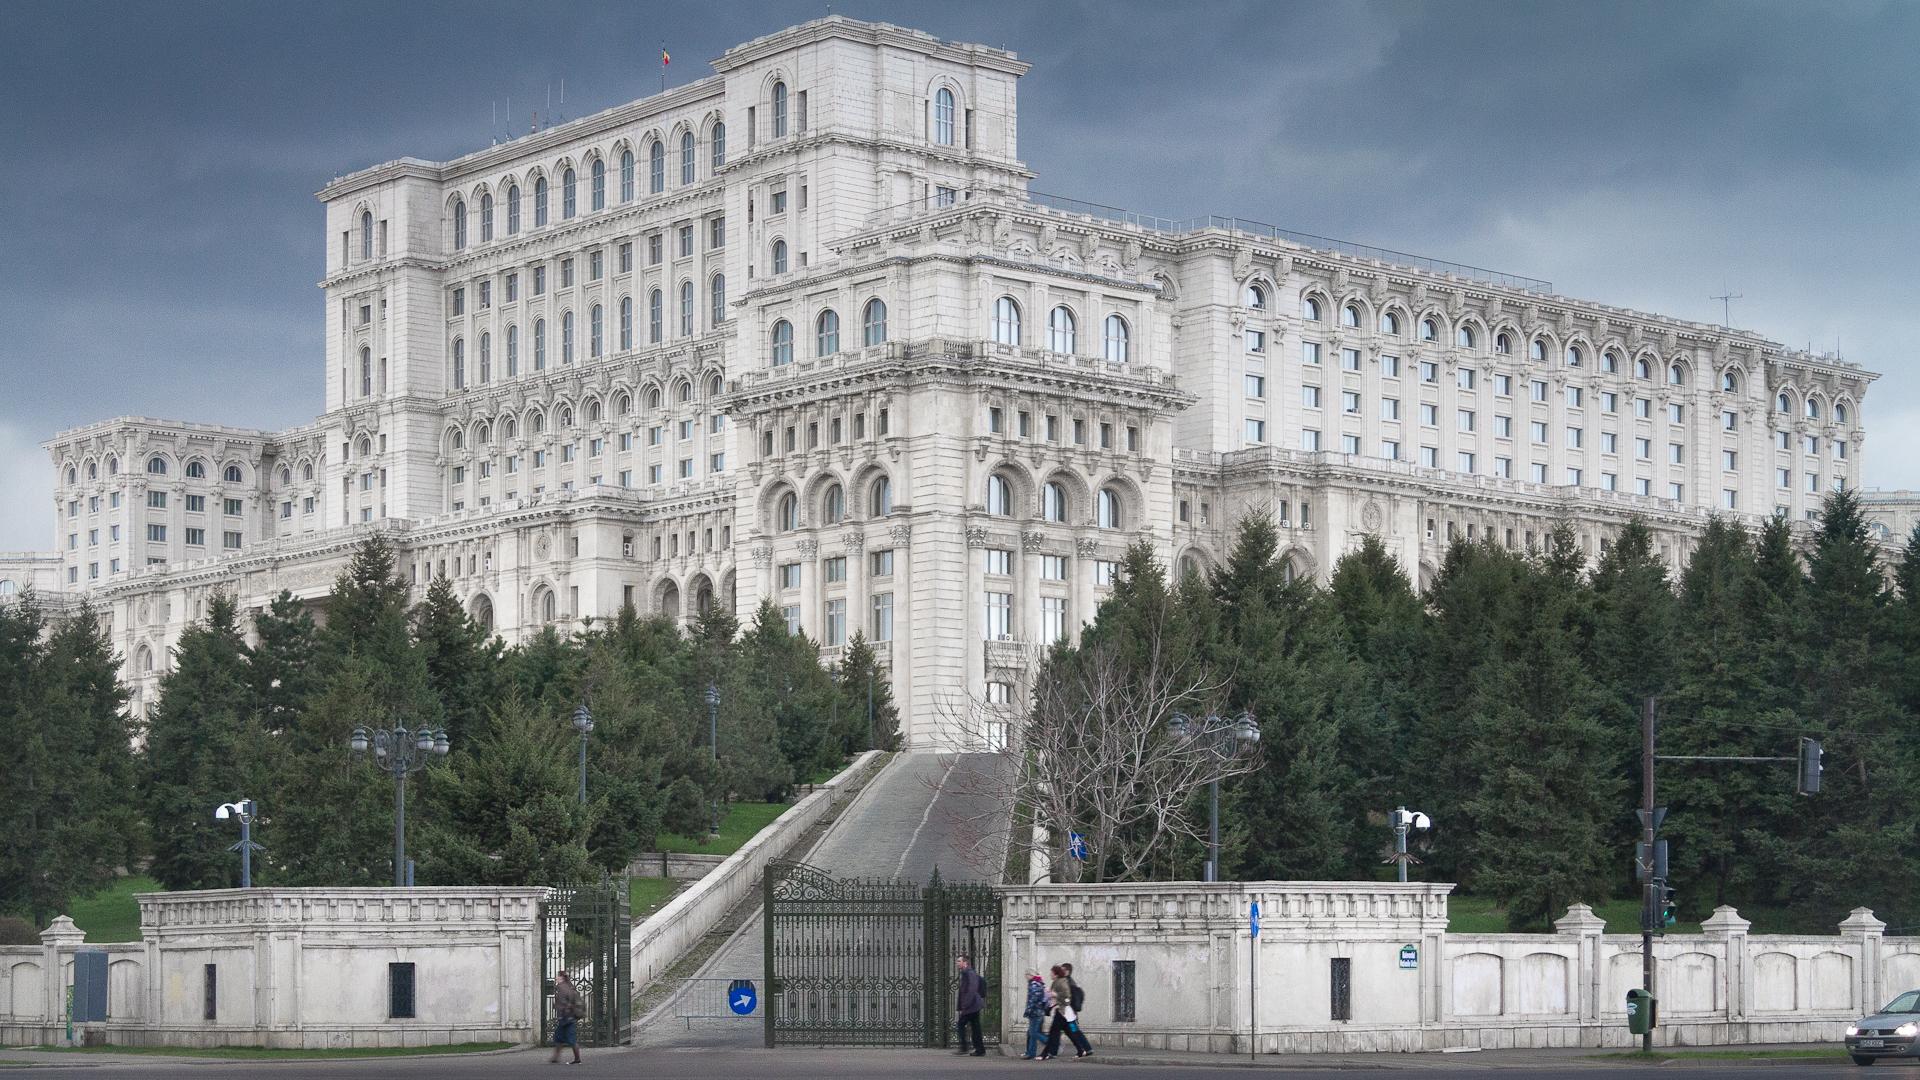 Palatul Parlamentului, simbol românesc, obiectiv turistic